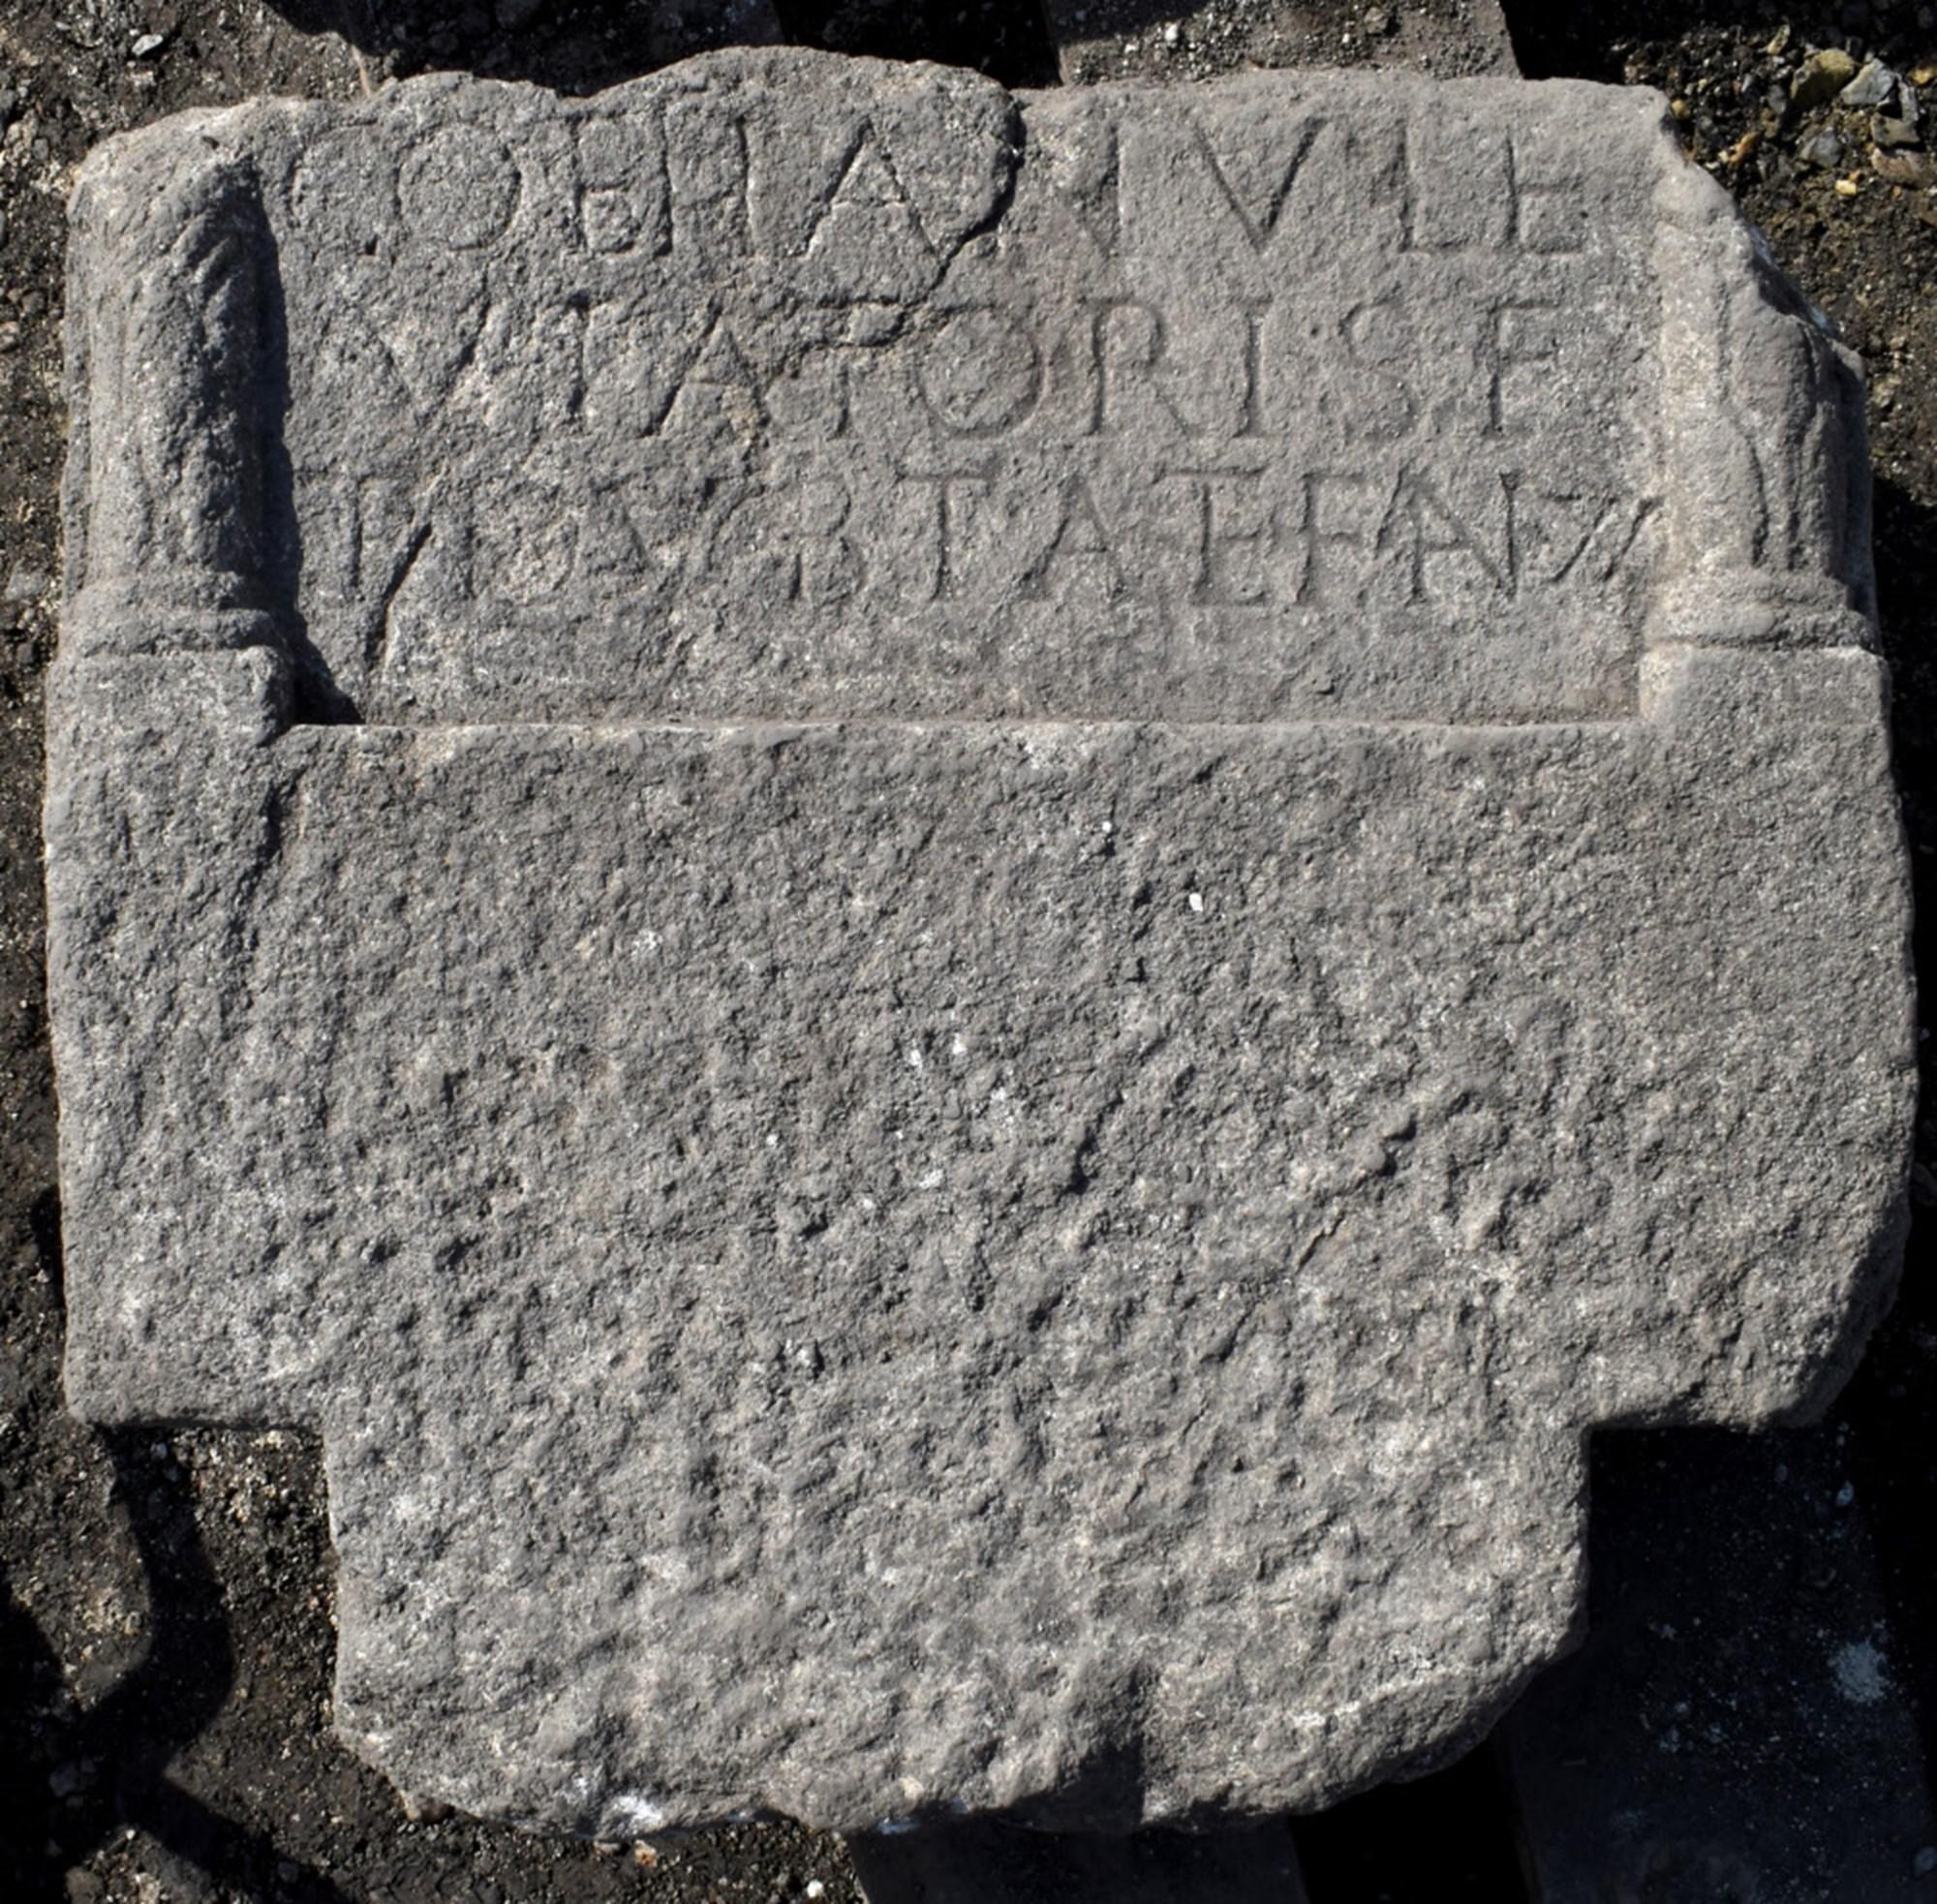 Archäologen finden römische Grabsteine in St. Pölten – derStandard.at